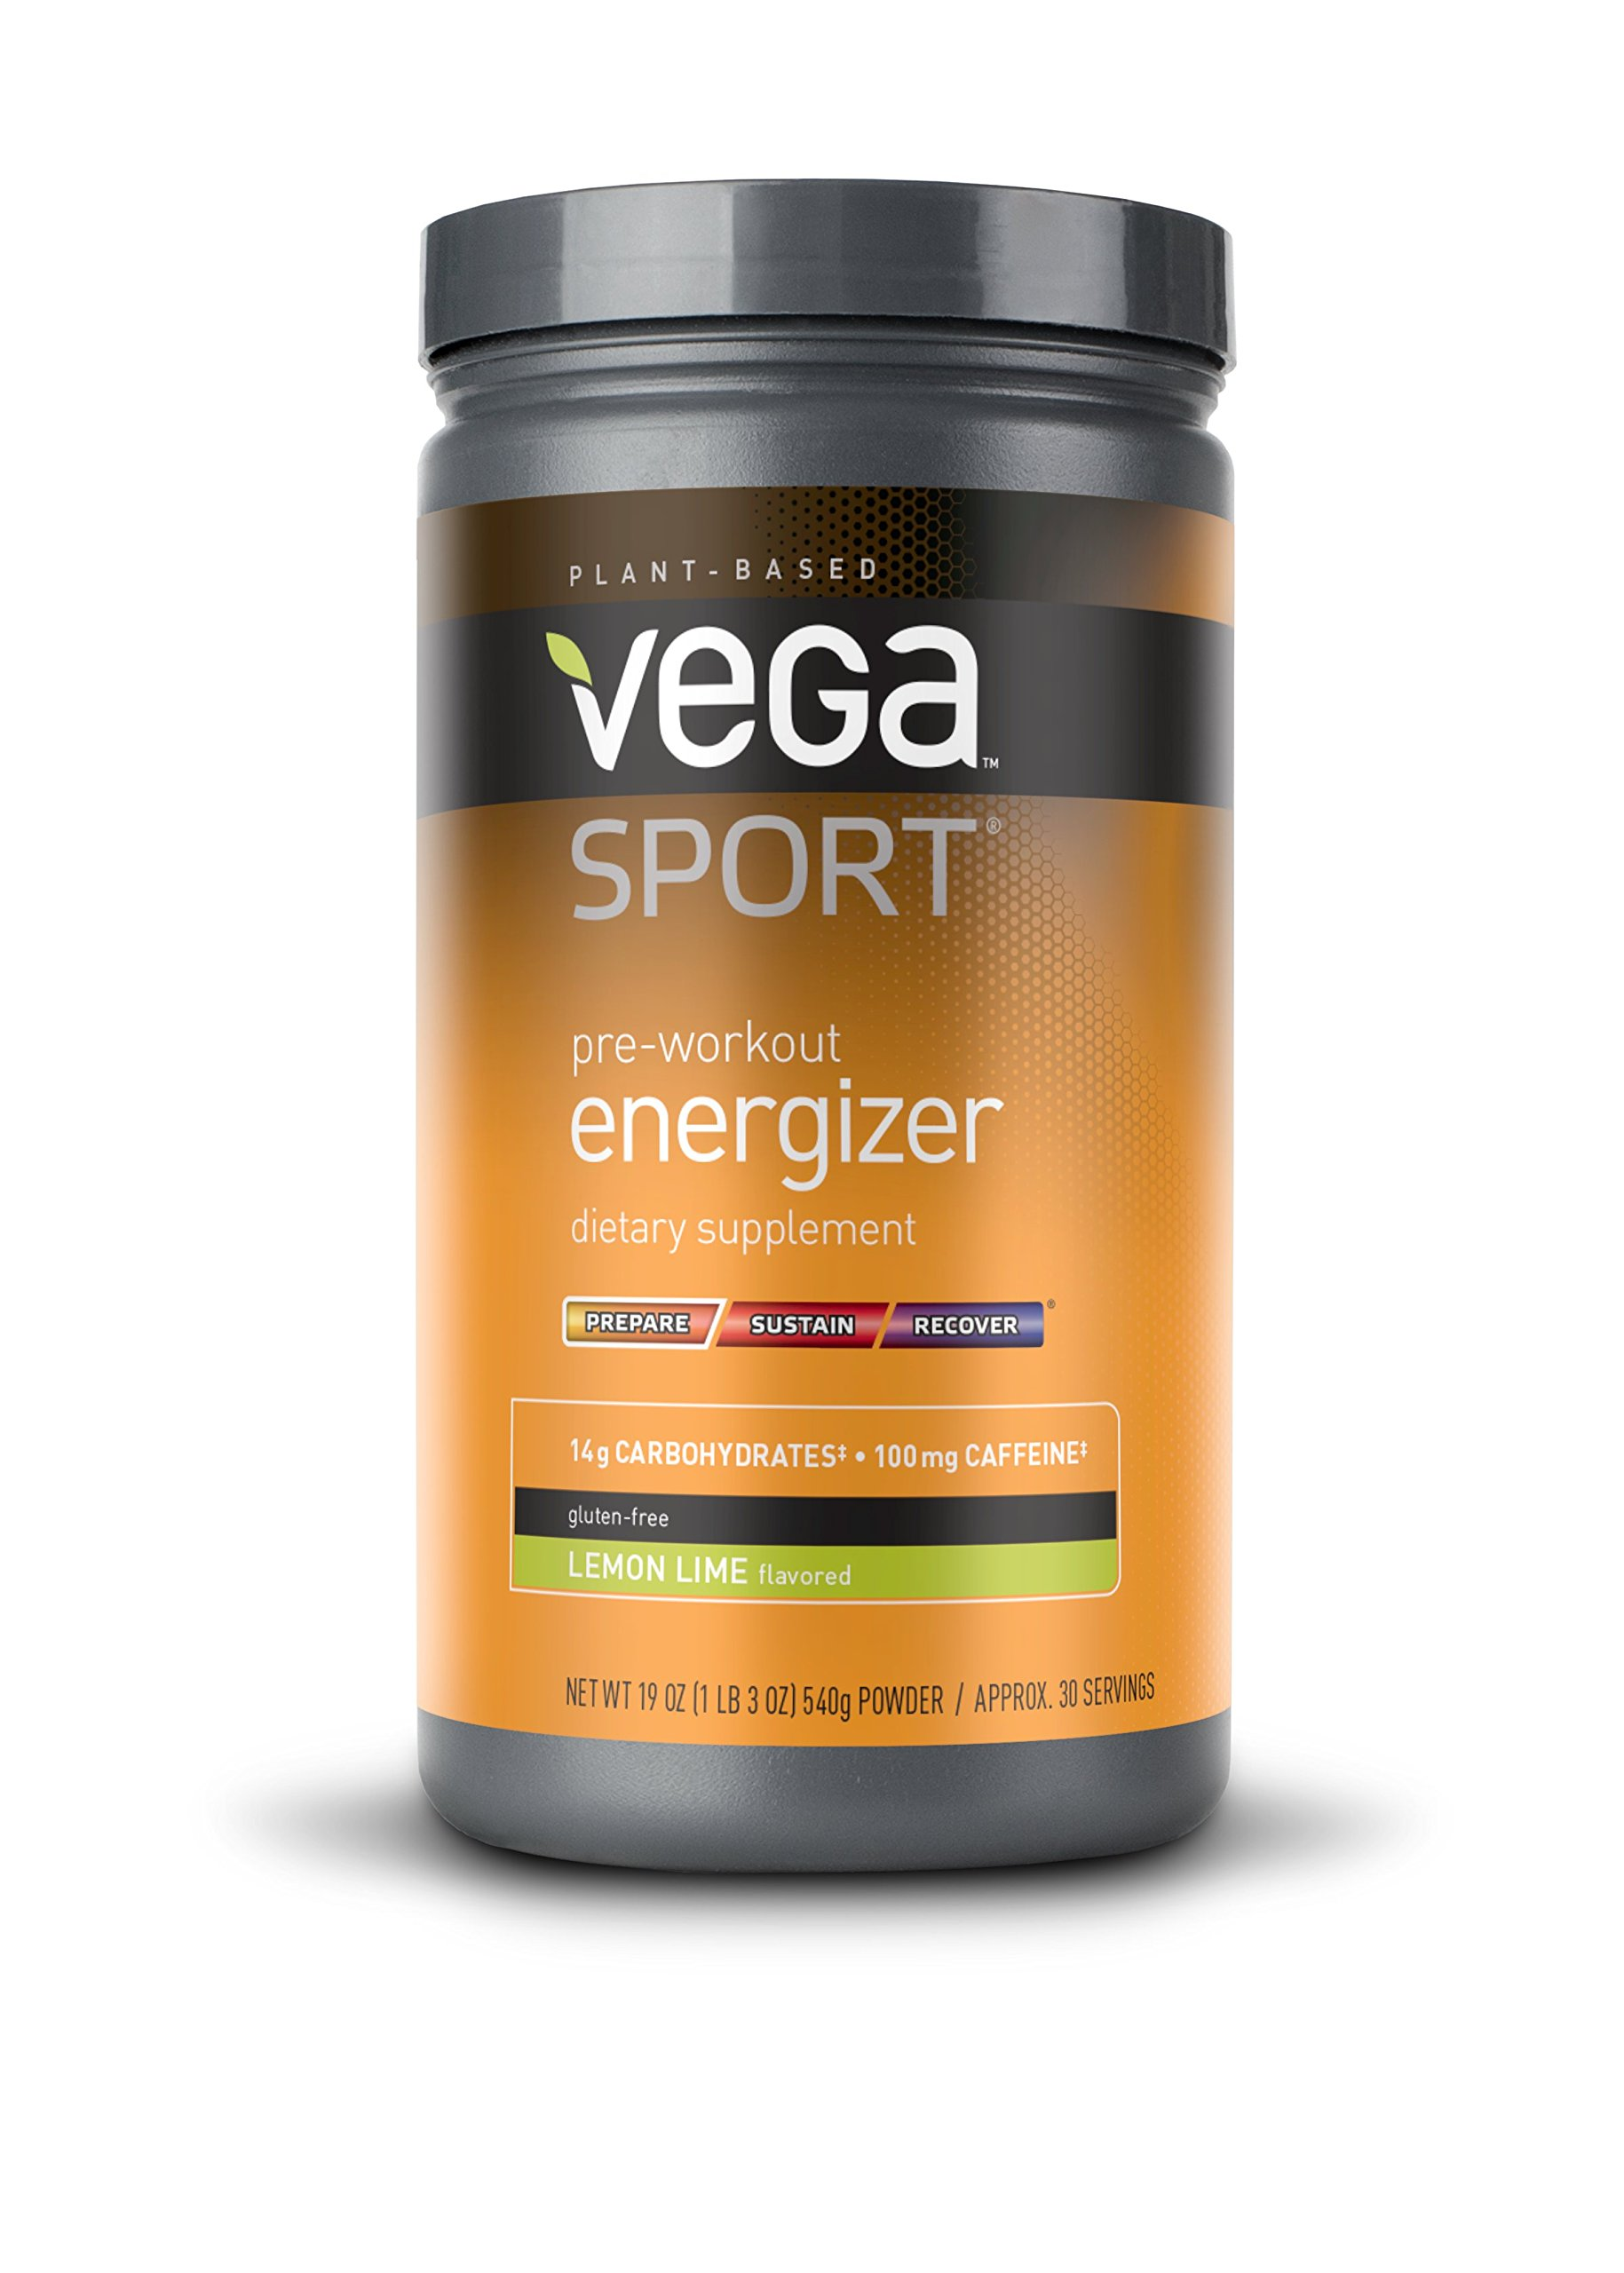 Vega Sport Pre-Workout Energizer, Lemon Lime, 19oz, 30 Servings